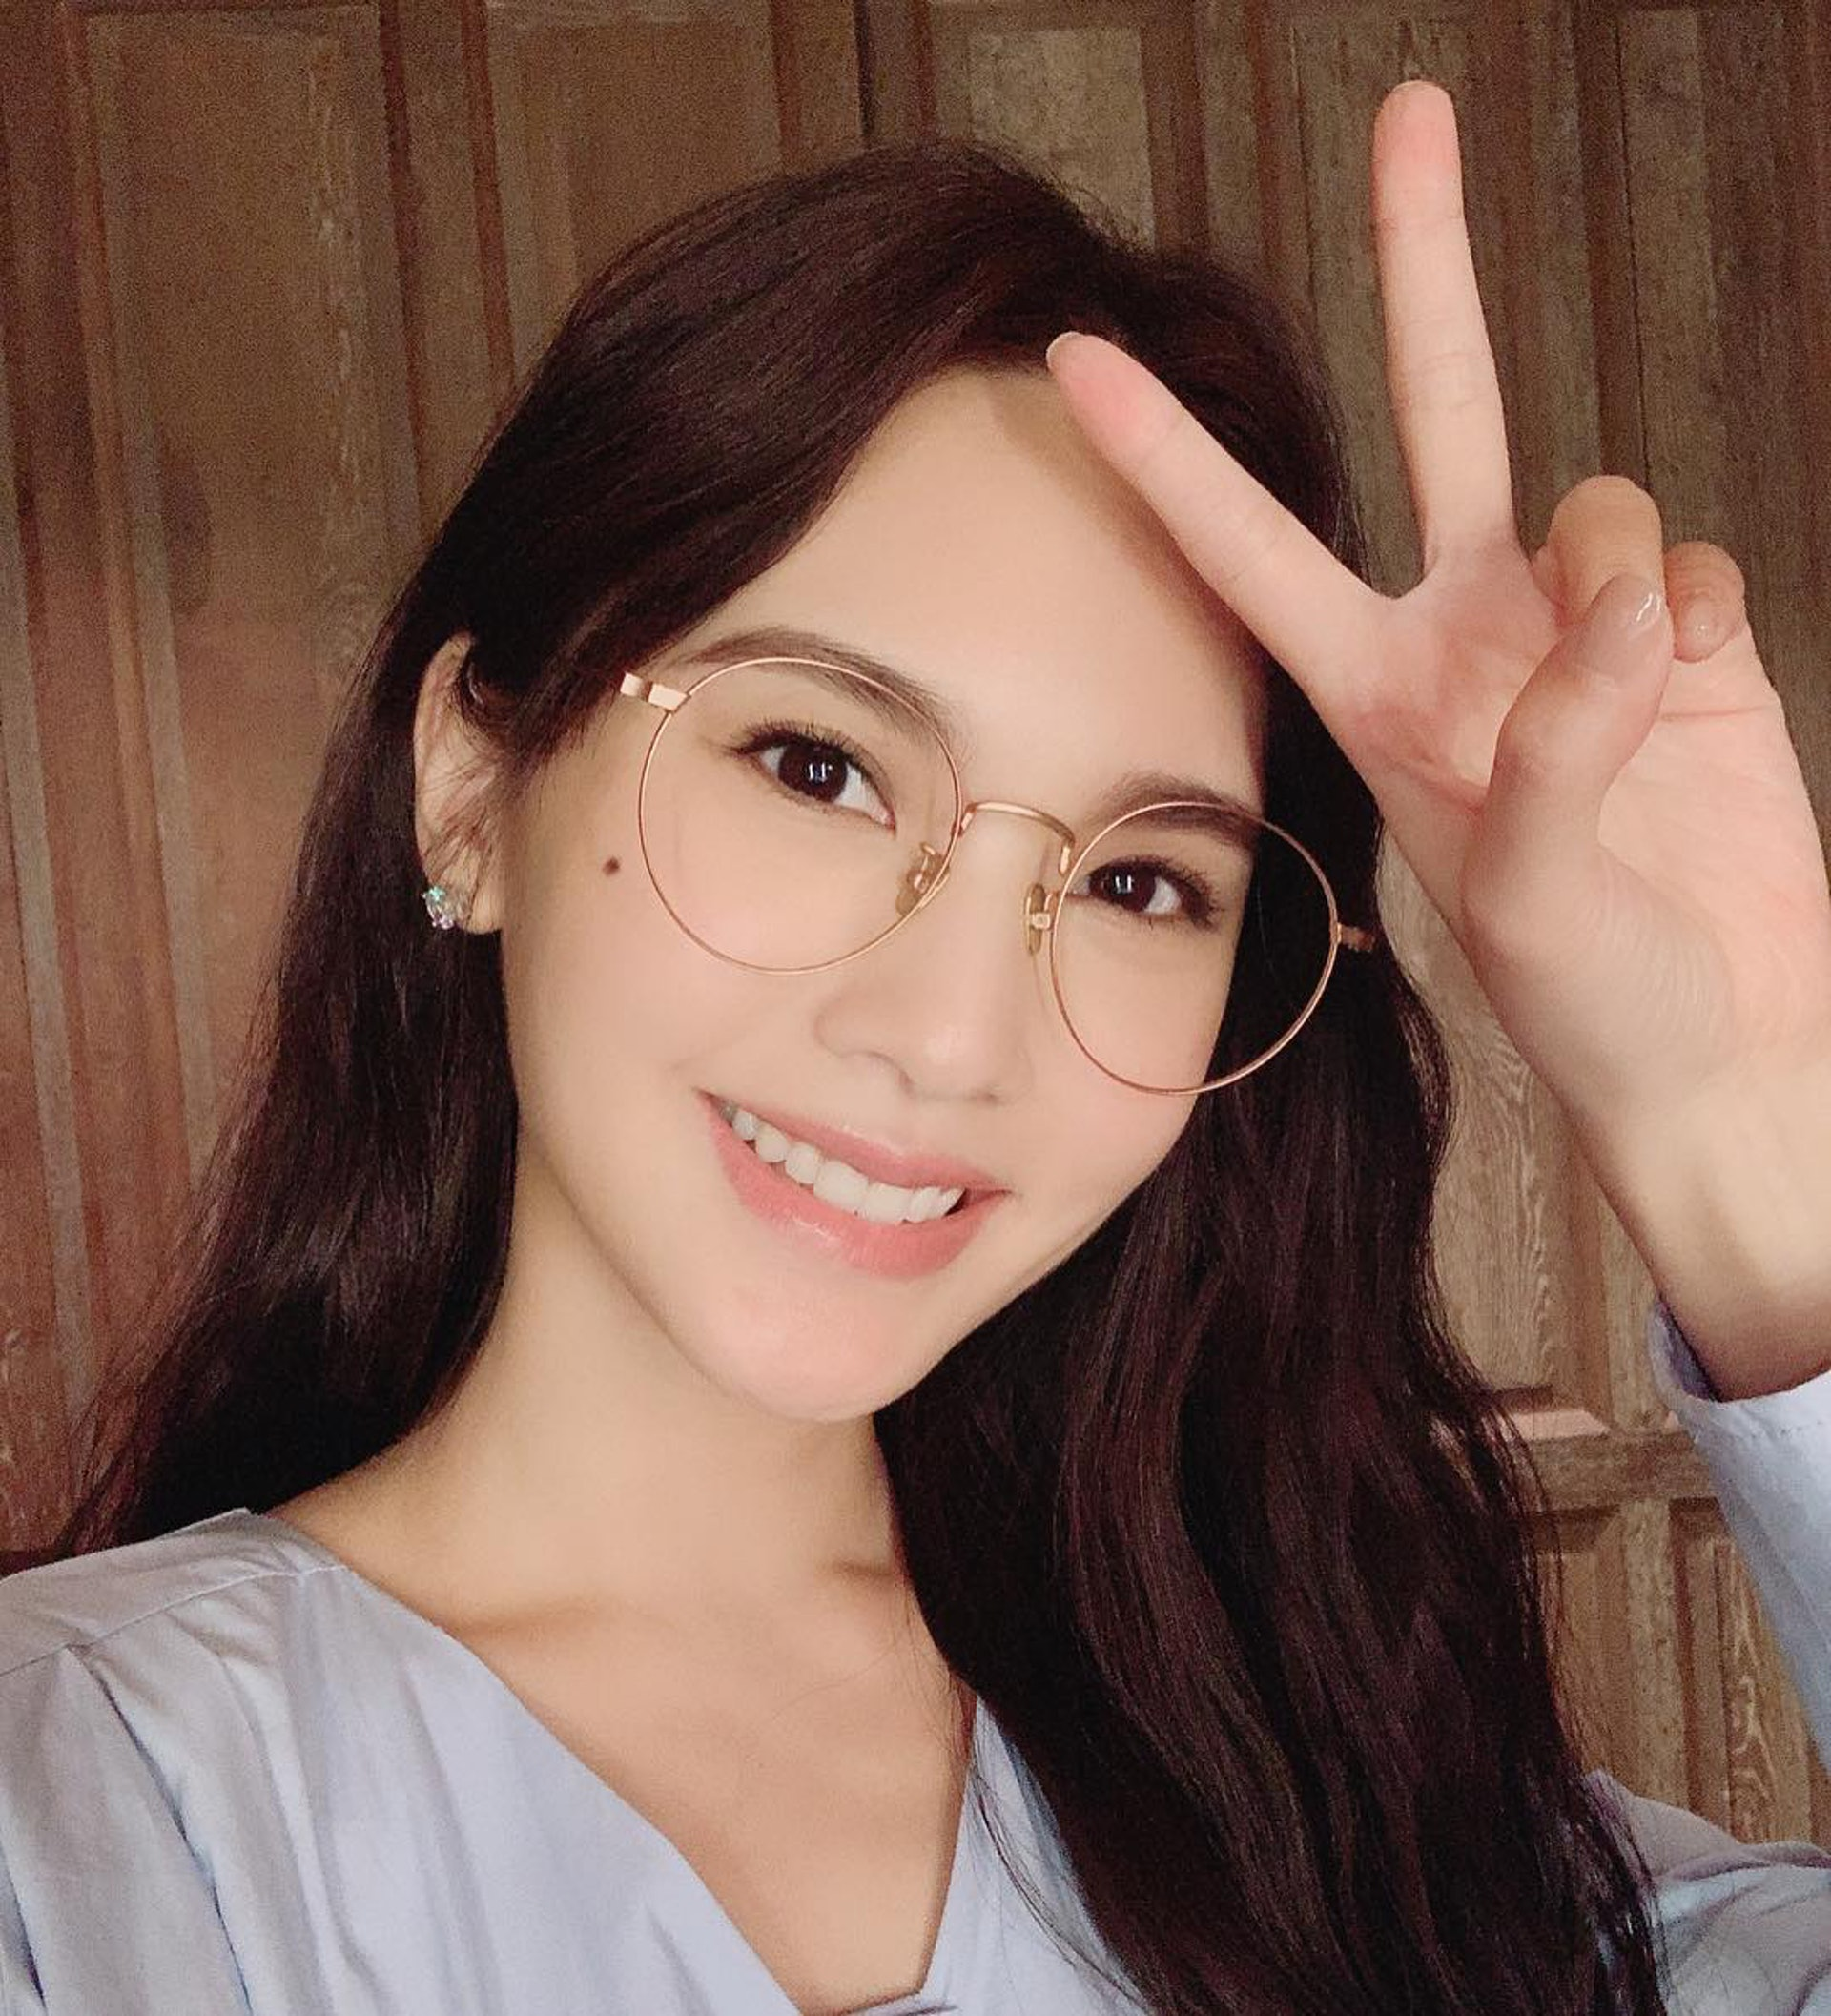 Dương Thừa Lâm đã U40 vẫn trẻ như gái đôi mươi chính nhờ 7 tips chăm da tuyệt mật ít người biết - Ảnh 1.